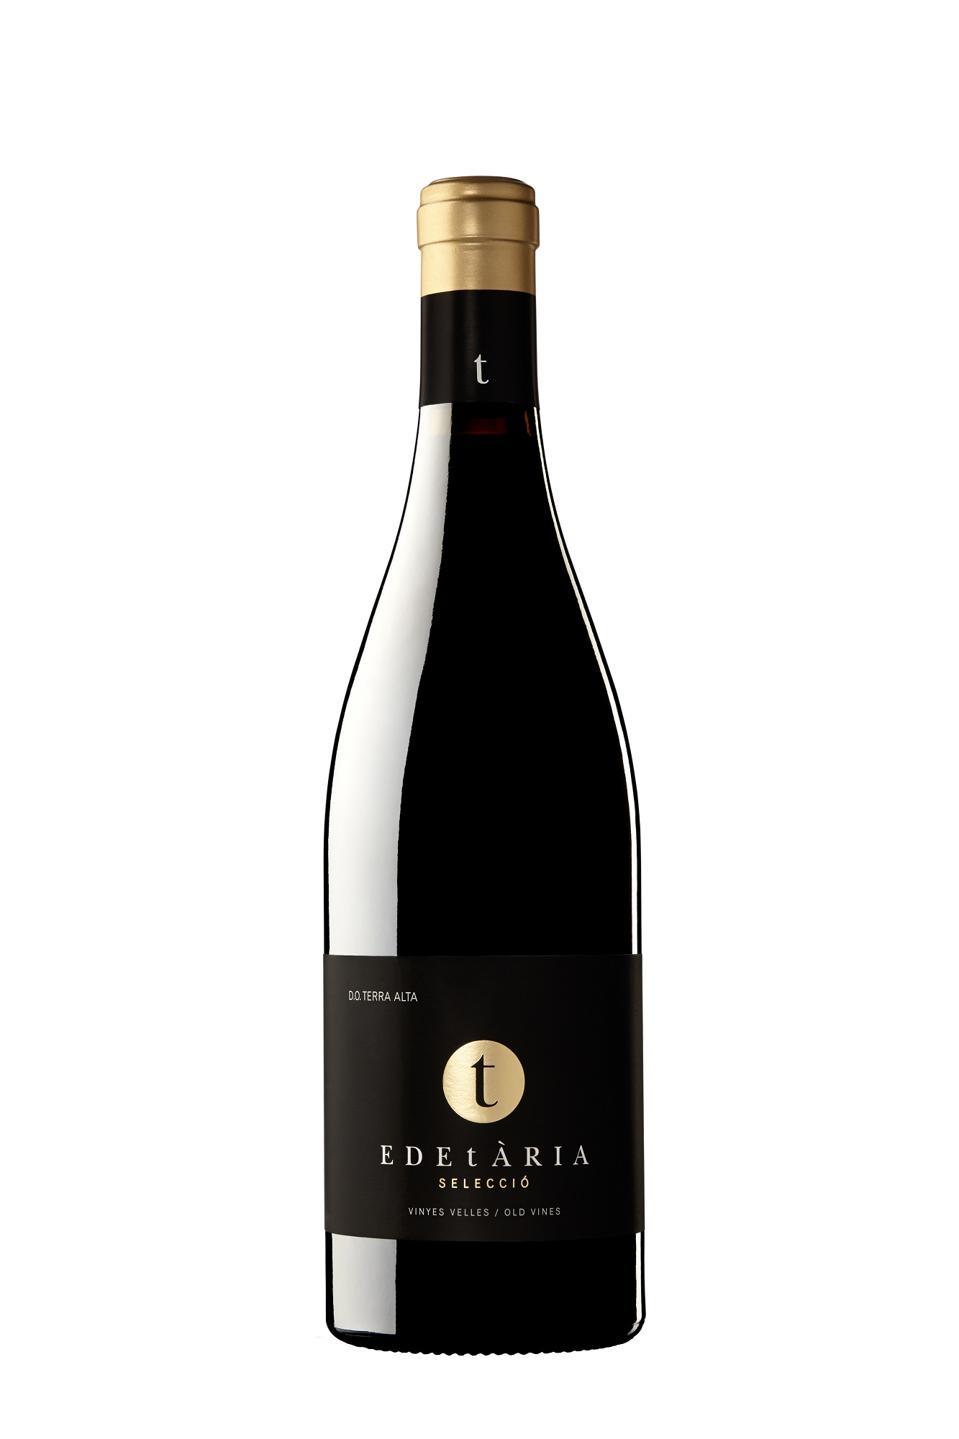 Bottle of red wine, El Mas Edetària Selecció